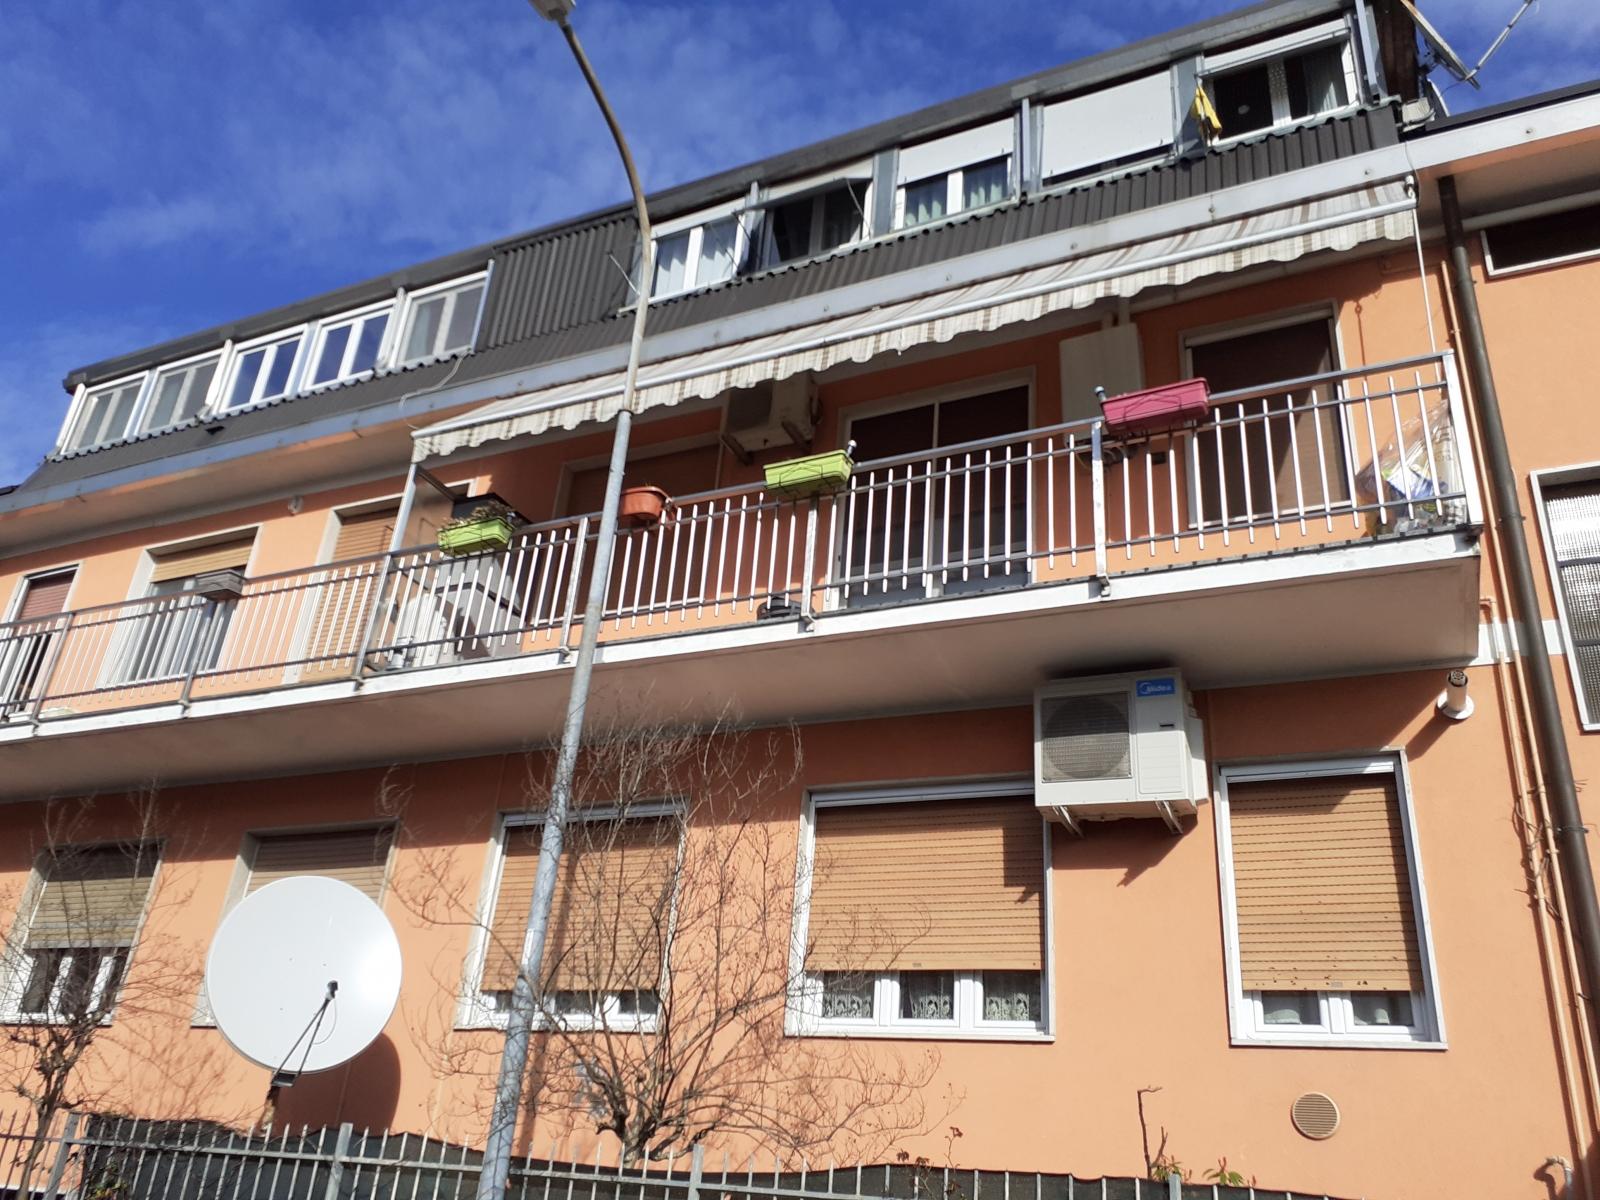 appartamento-in-vendita-a-cornaredo-milano-3-locali-trilocale-spaziourbano-immobiliare-vende-26